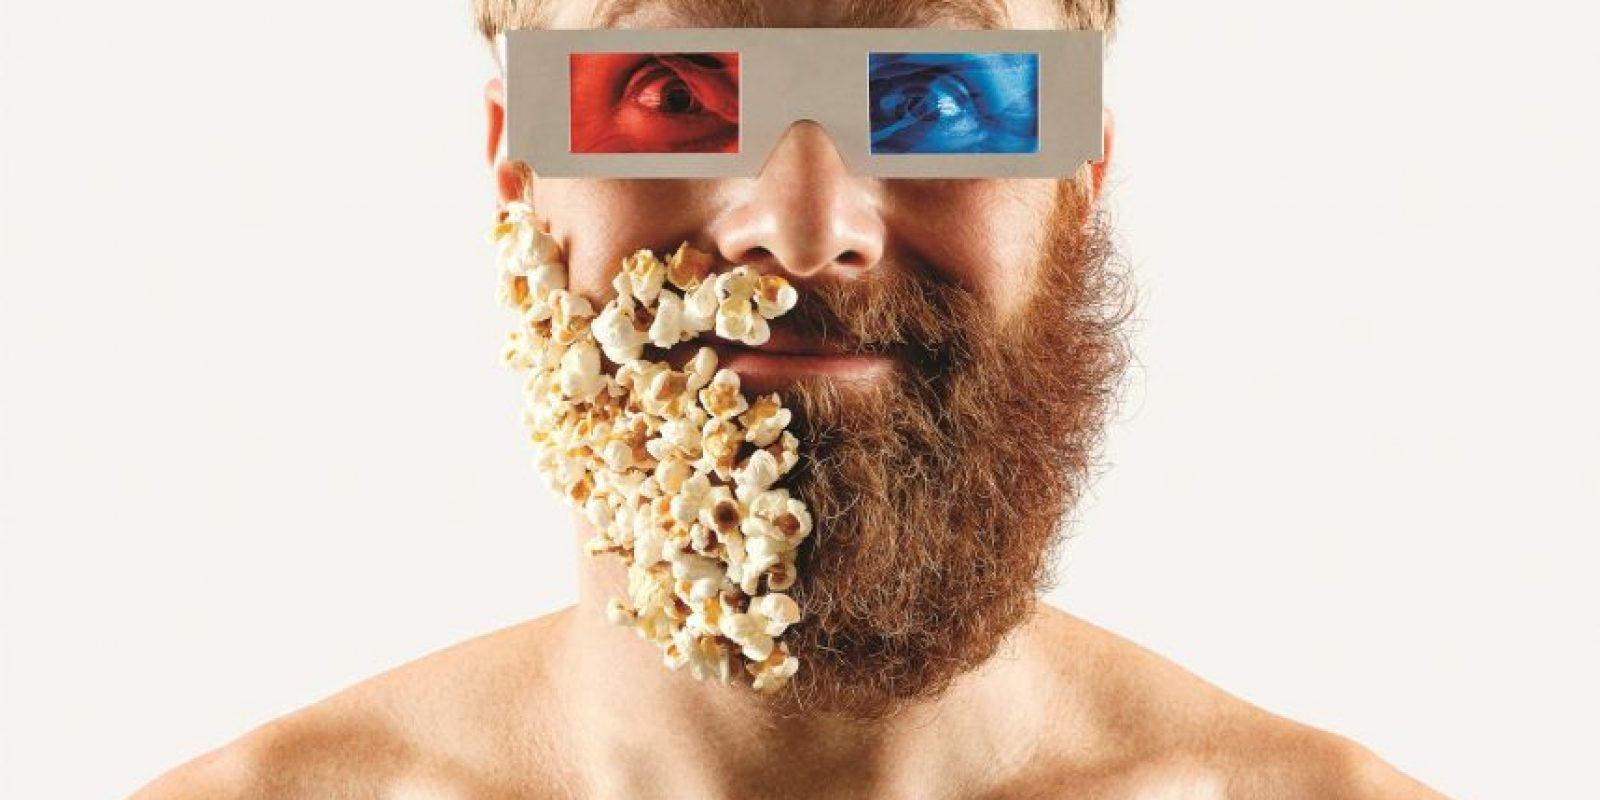 3- Serie de retratos. La media barba hipsterEl fotógrafo brasileño Adriano Alarcón se afeitó un lado de su barba, adornando la mitad de su cara con extraños elementos como palomitas de maíz, chispas de chocolate e insectos de plástico.